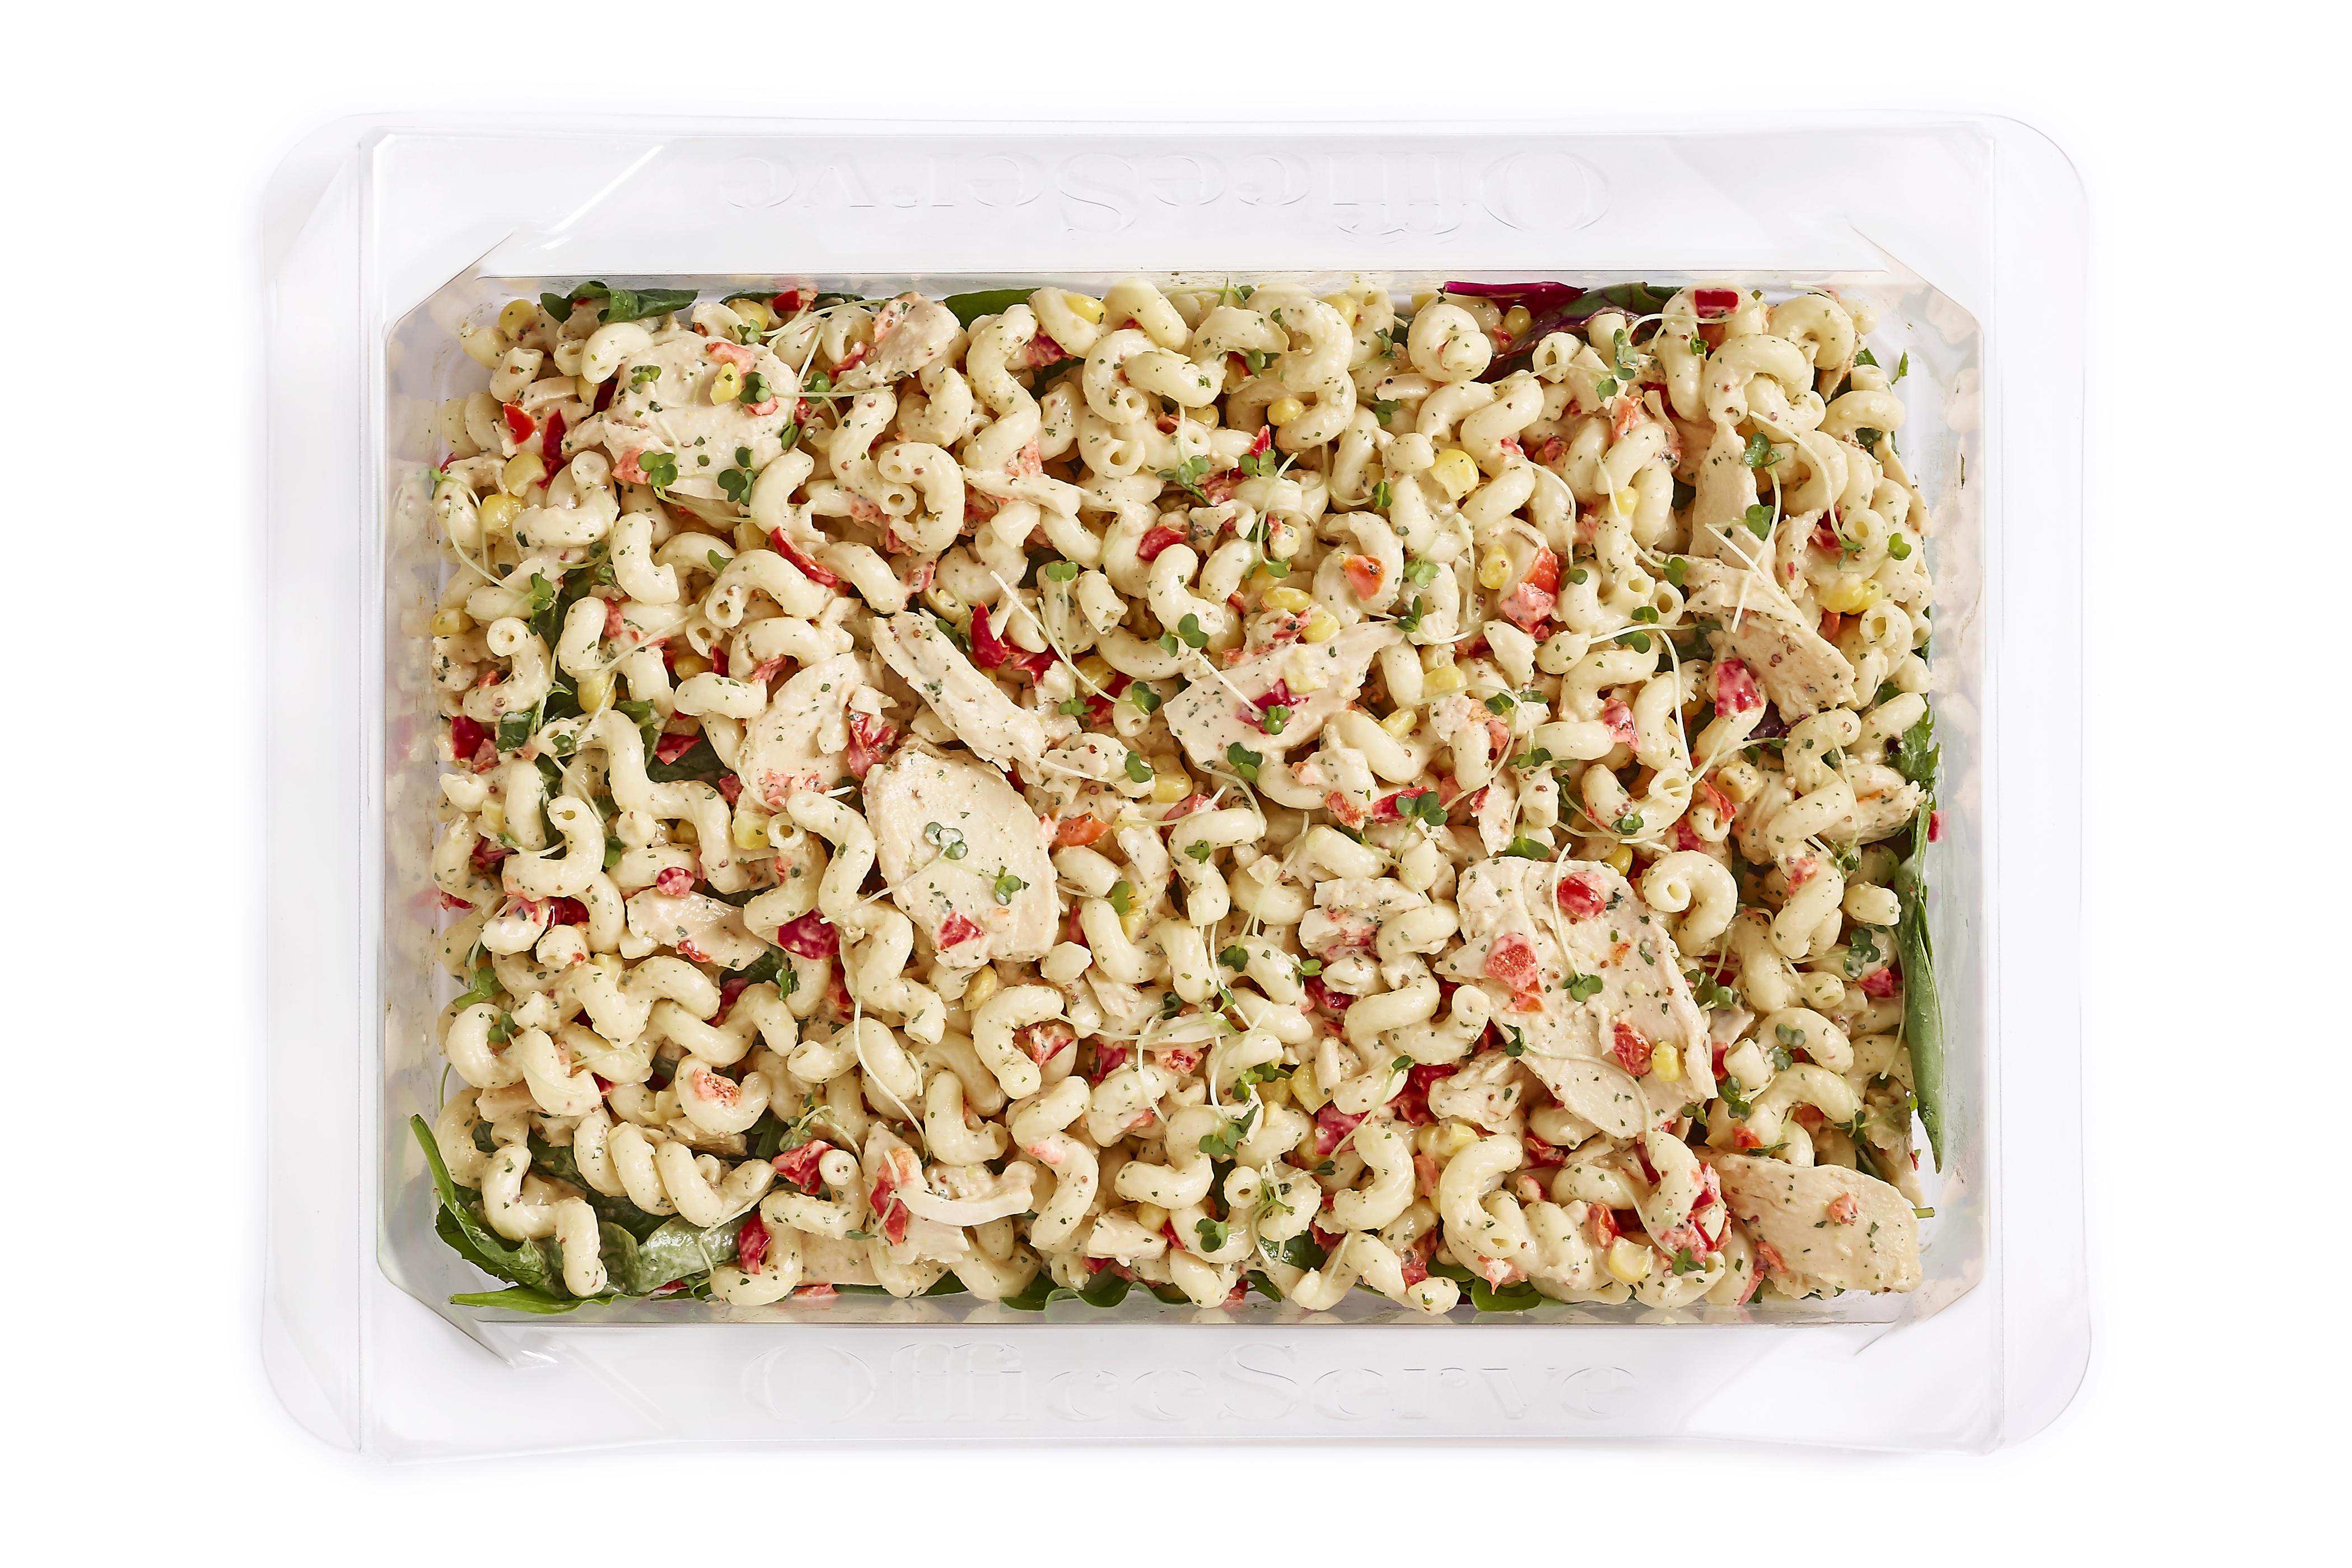 Chicken & Pasta Salad (Sharing)